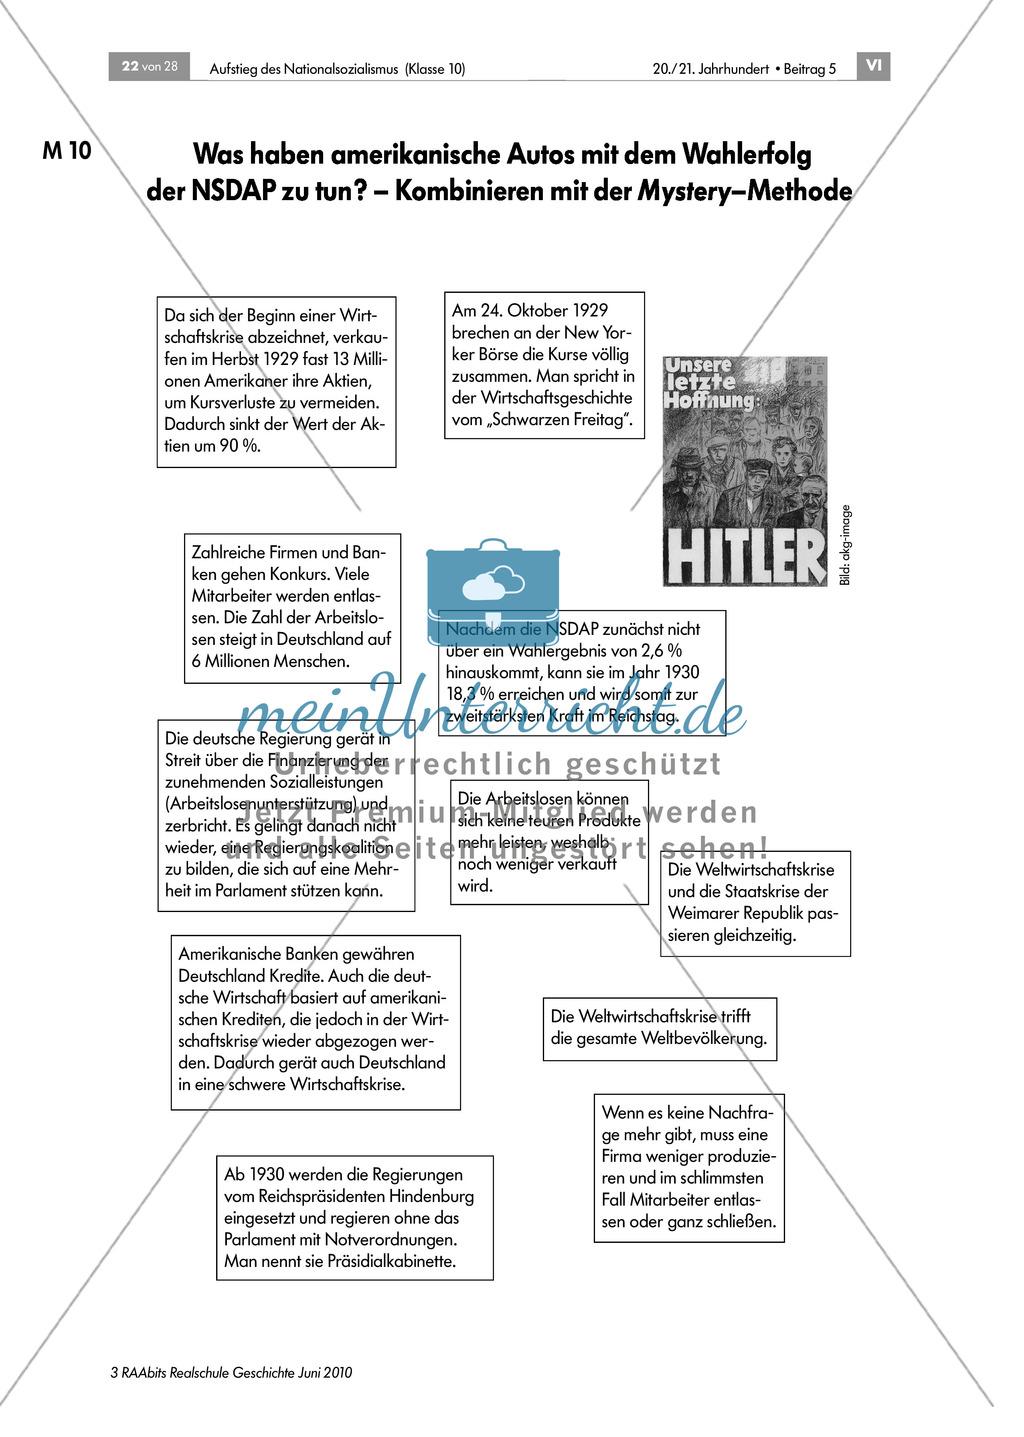 Wirtschaftskriese und Wahlerfolg der NSDAP anhand der Mystery Methode Preview 0